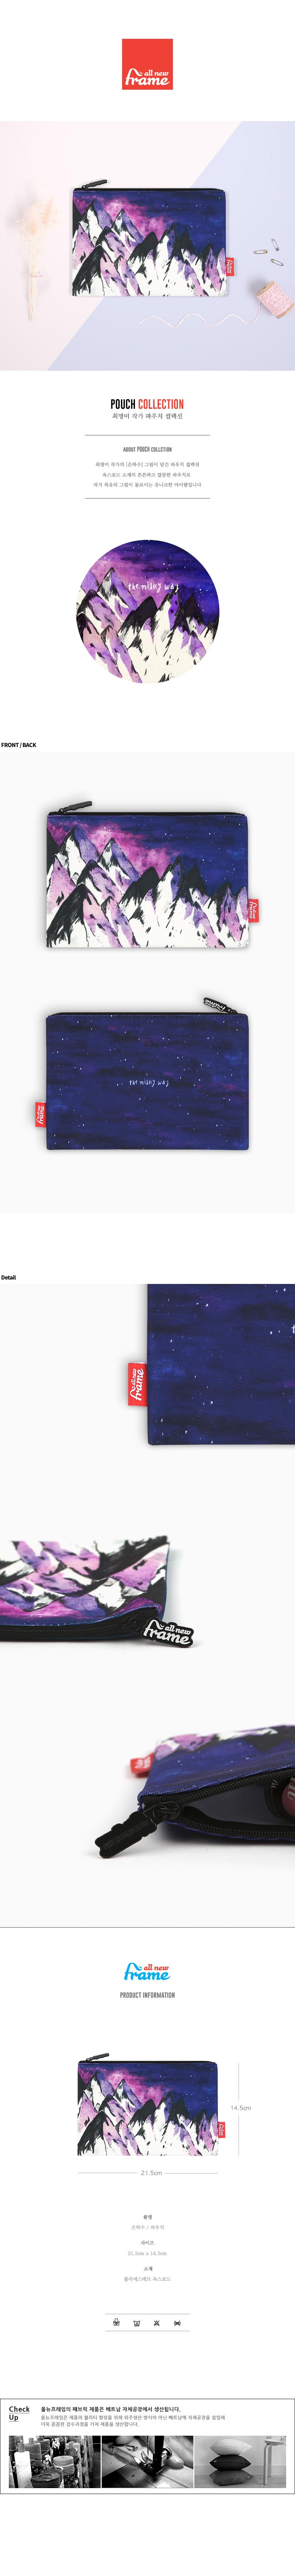 (파우치) 은하수 - 올뉴프레임, 8,500원, 다용도파우치, 지퍼형